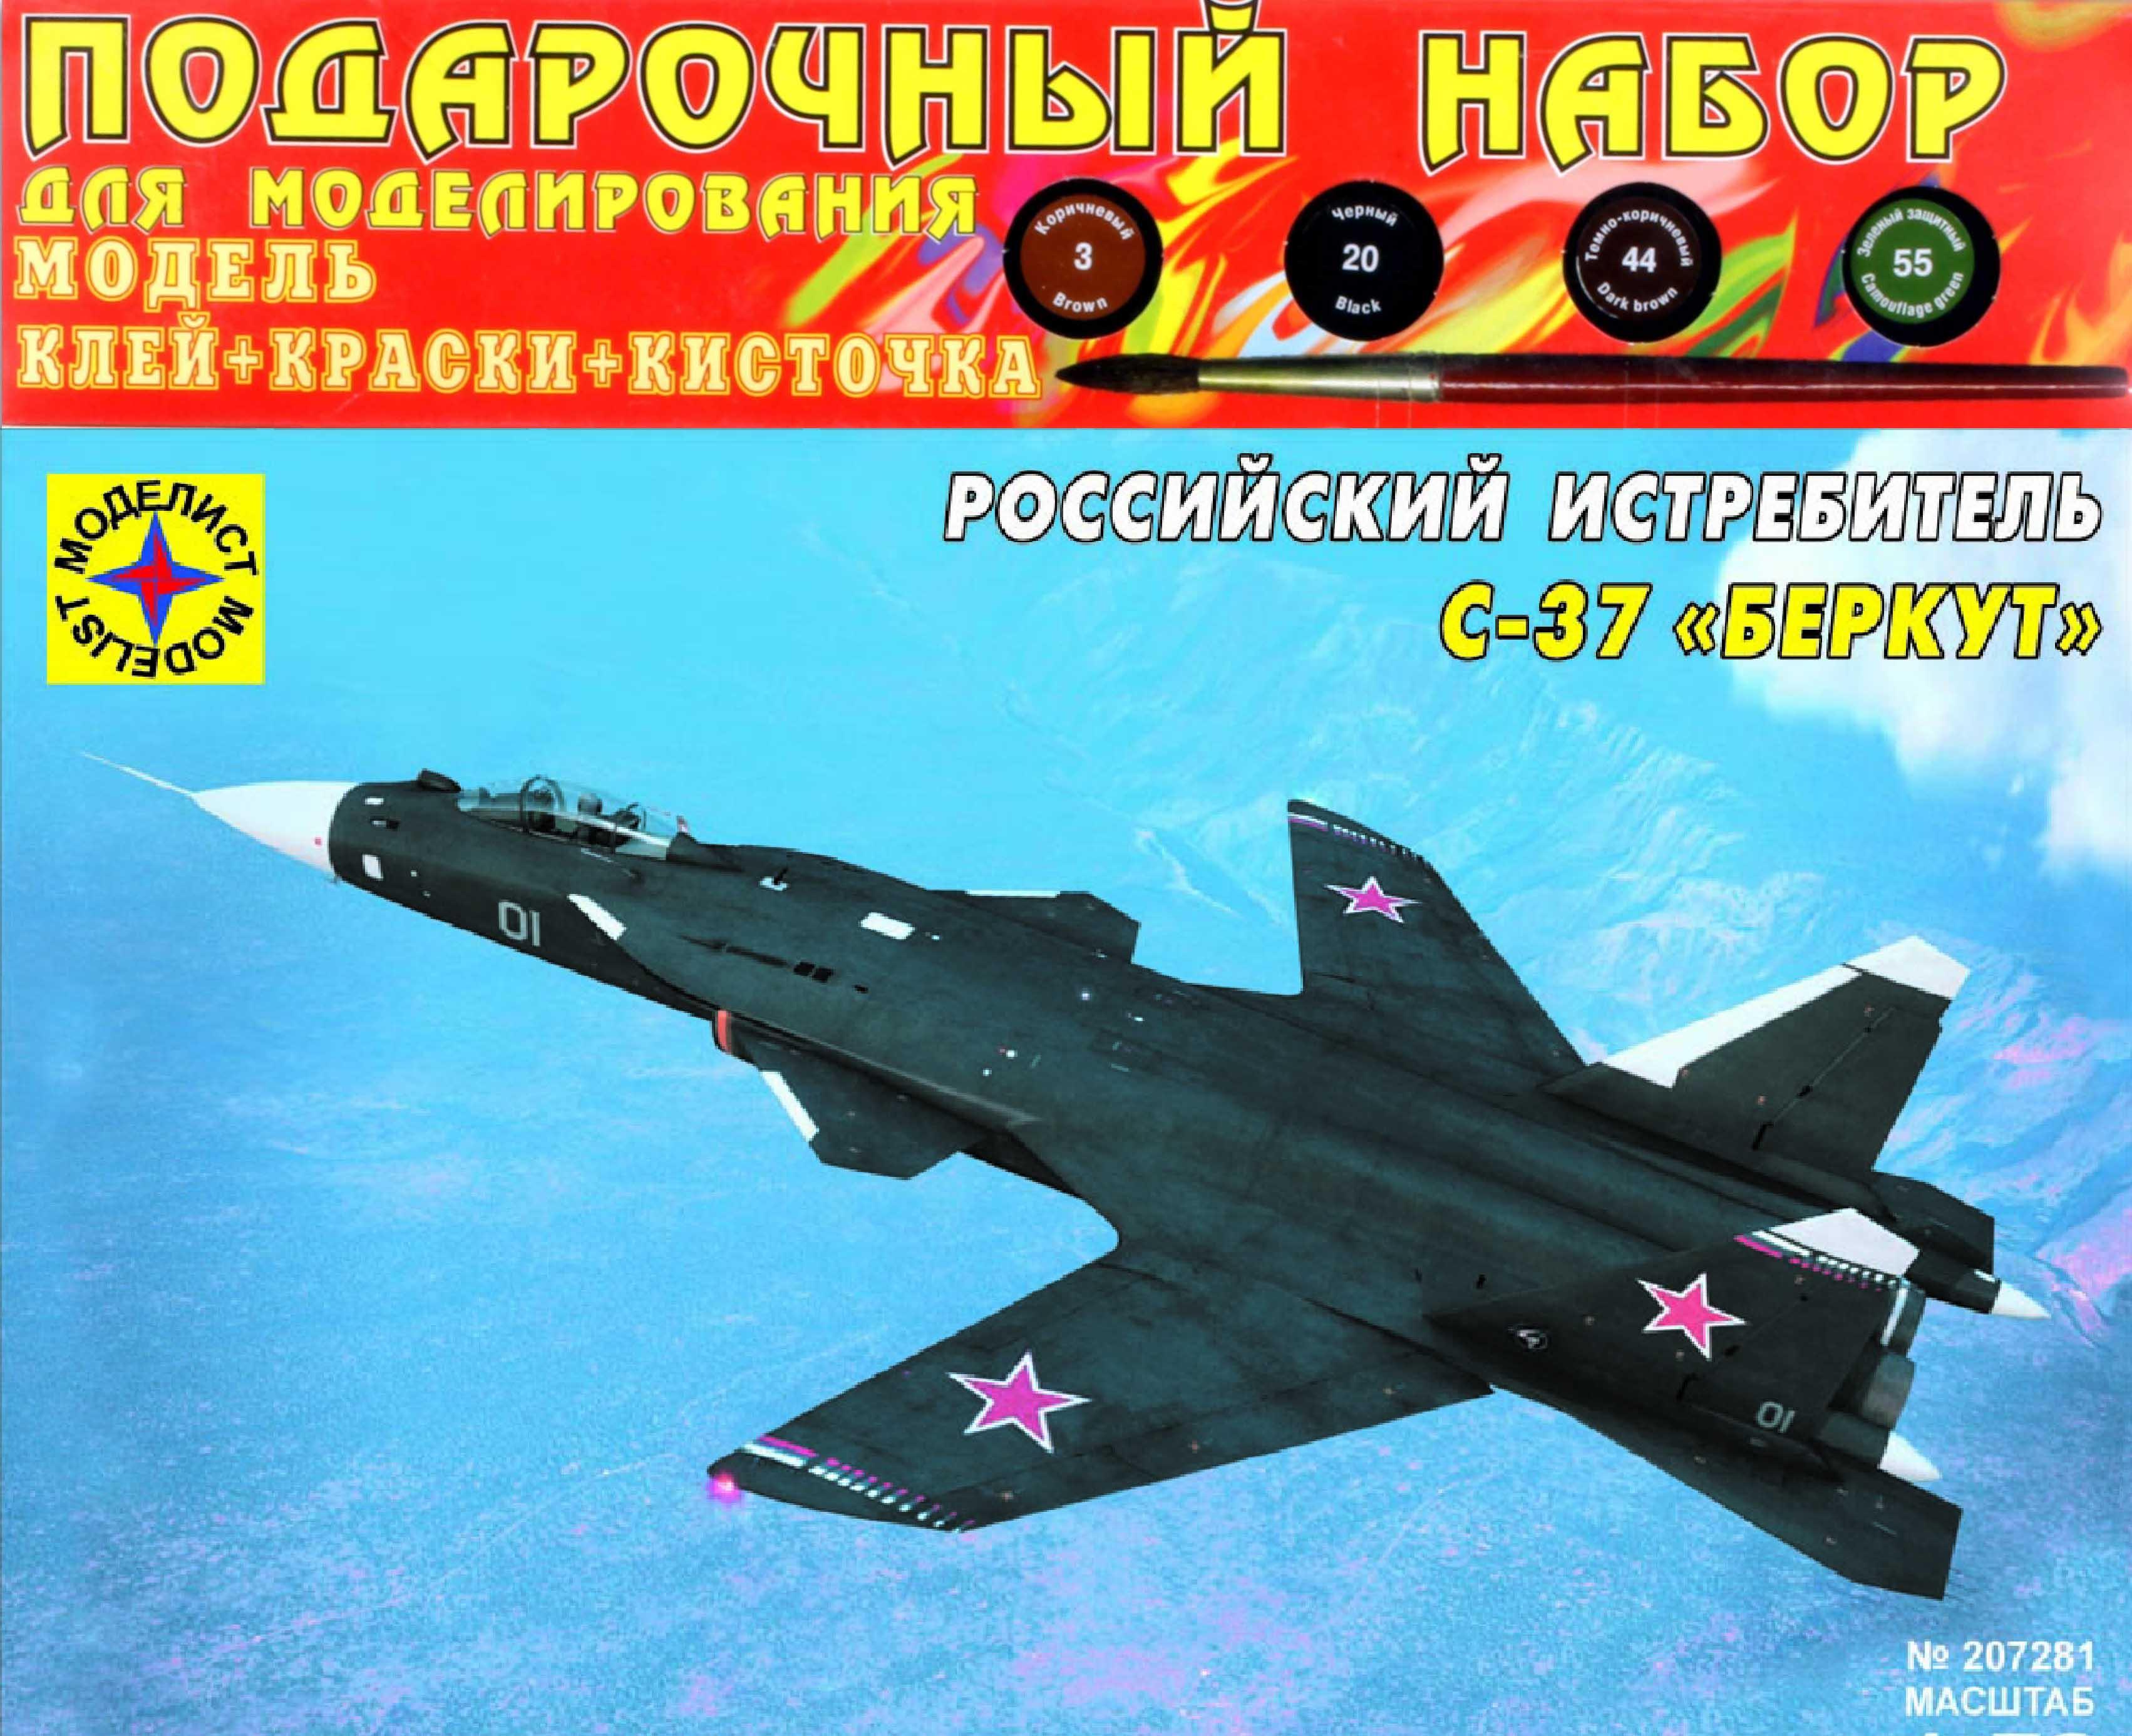 Сборная модель Российский истребитель С-37 Беркут (1:72)